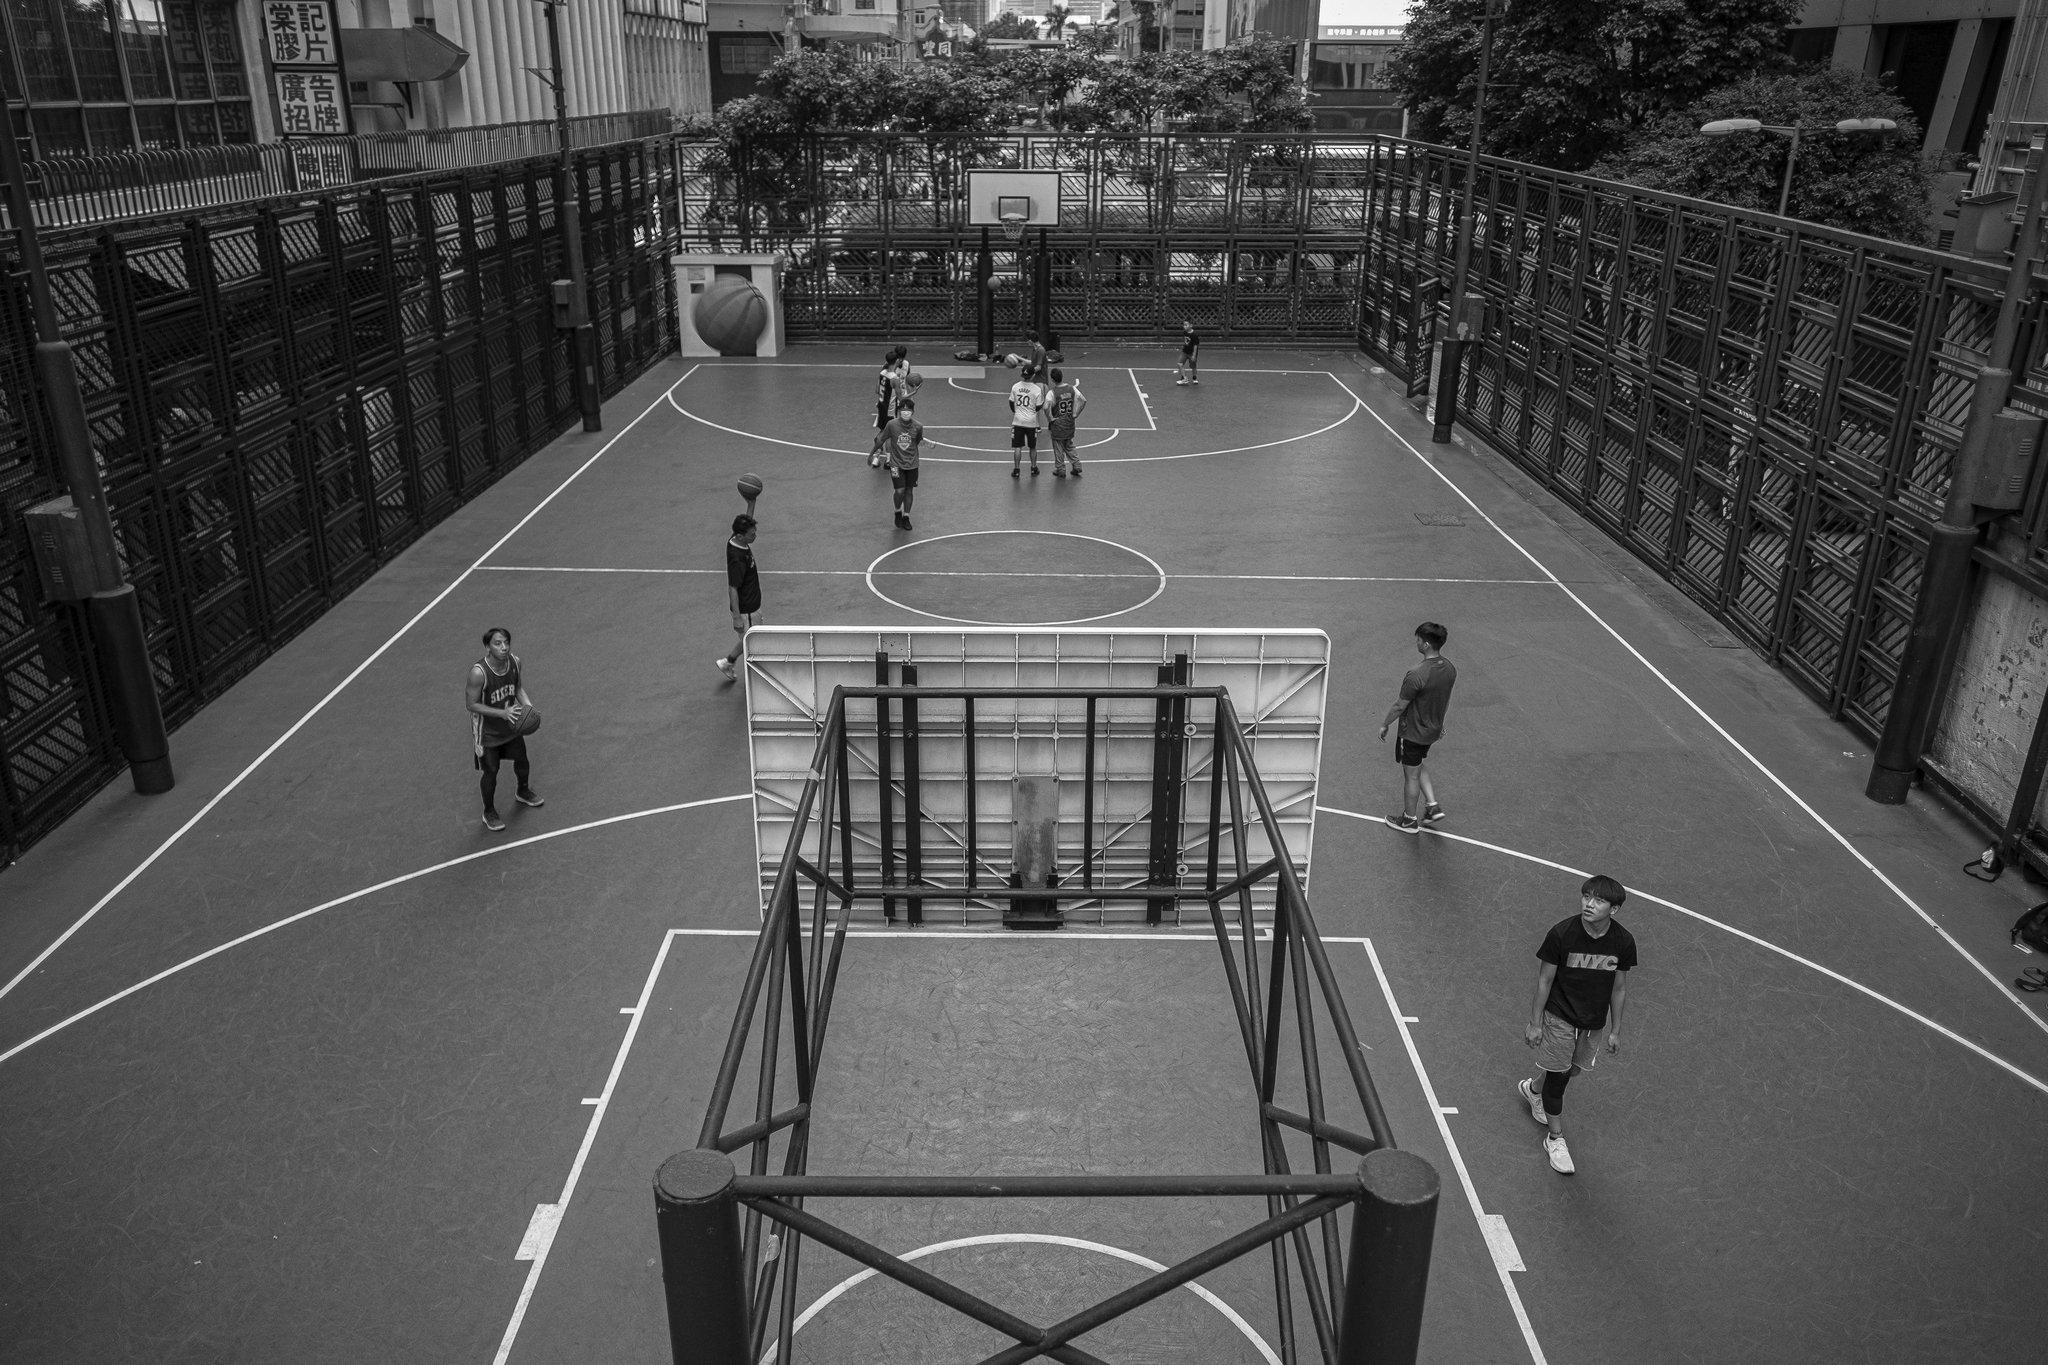 1. Hong Kong Ballers